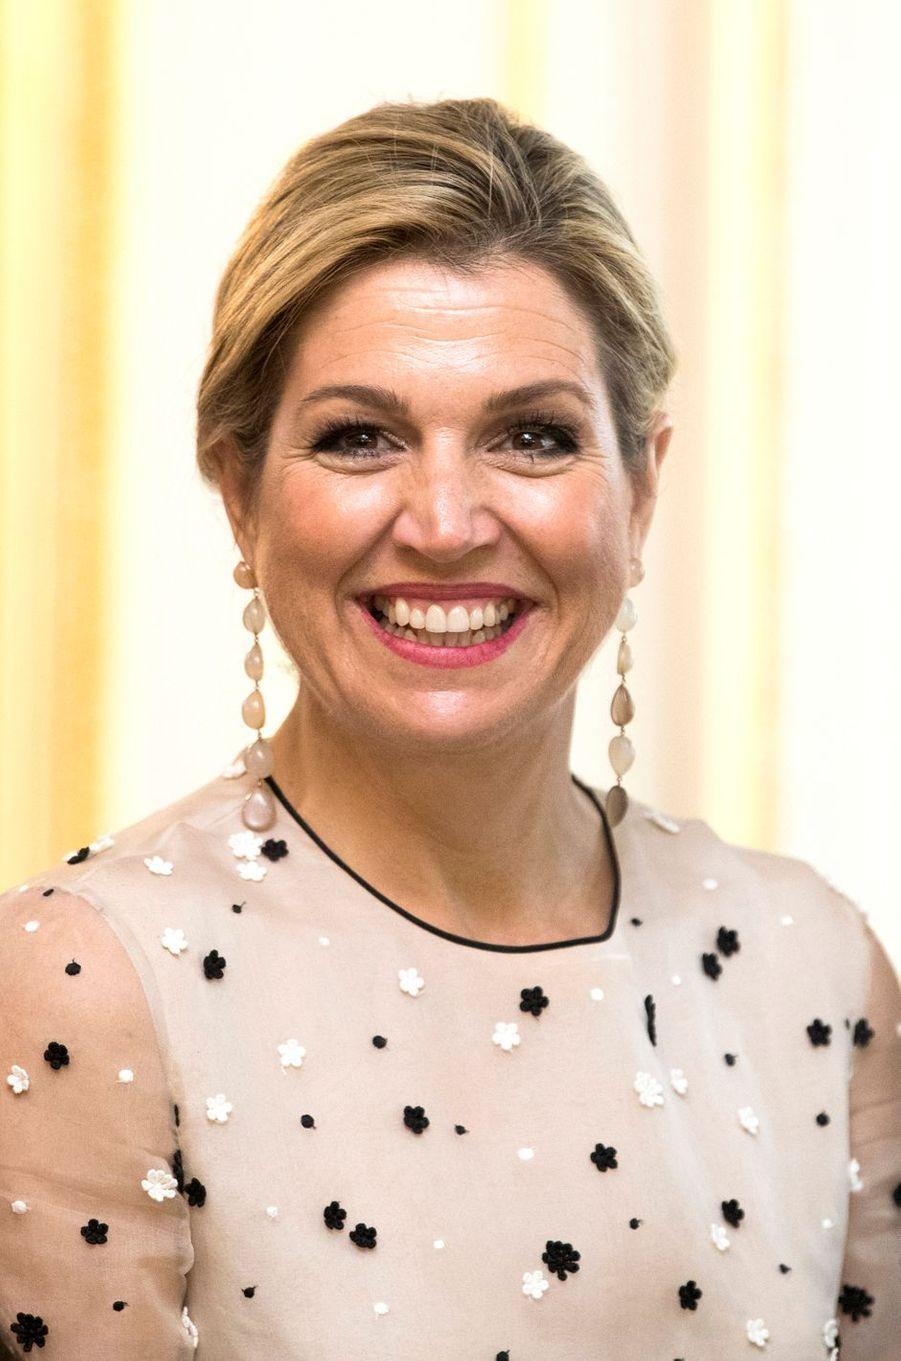 Détail des pendants d'oreille de la reine Maxima des Pays-Bas à La Haye, le 18 mai 2017